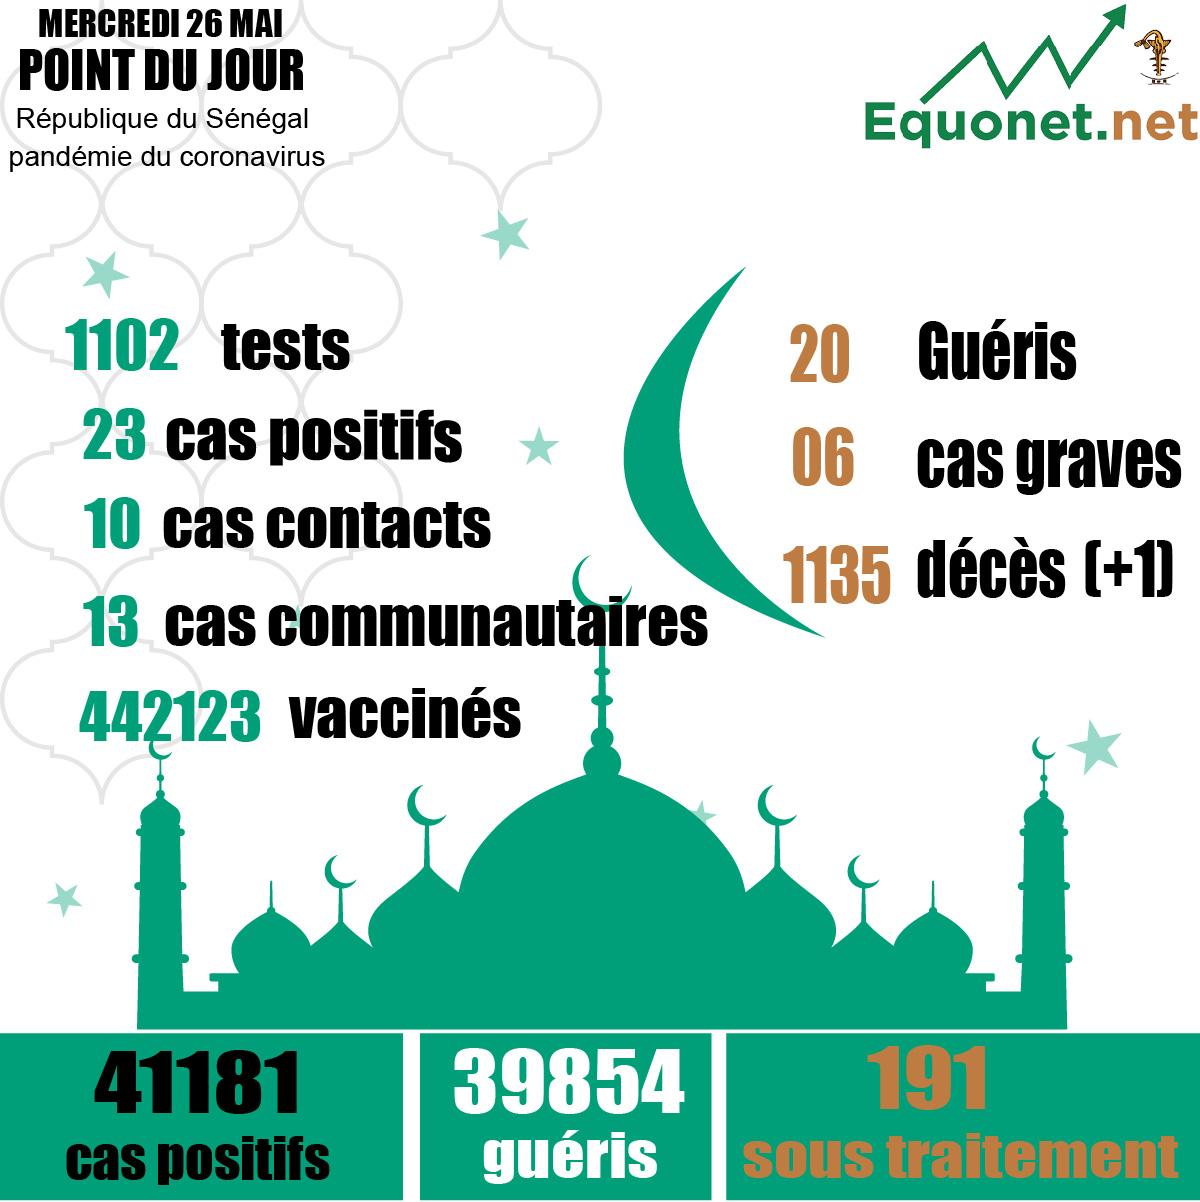 pandémie du coronavirus-covid-19 au sénégal : 13 cas communautaires et 01 décès enregistrés ce mercredi 26 mai 2021